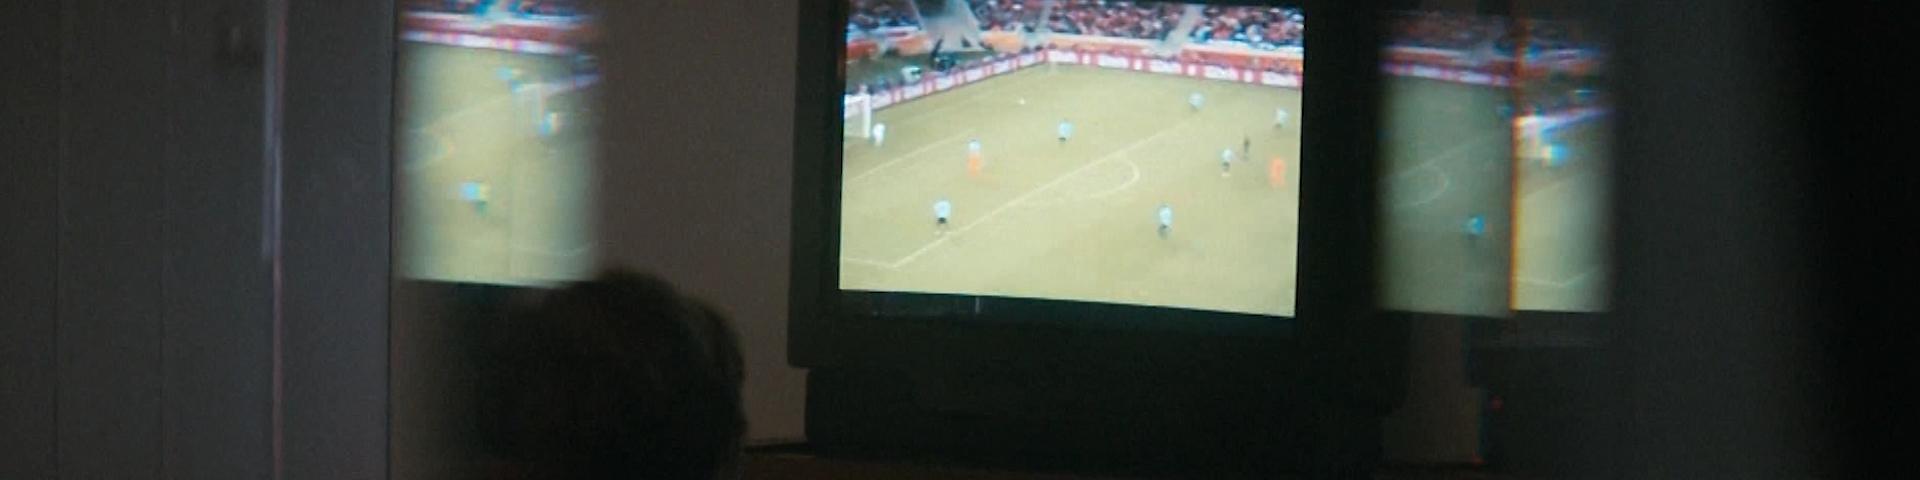 television online français